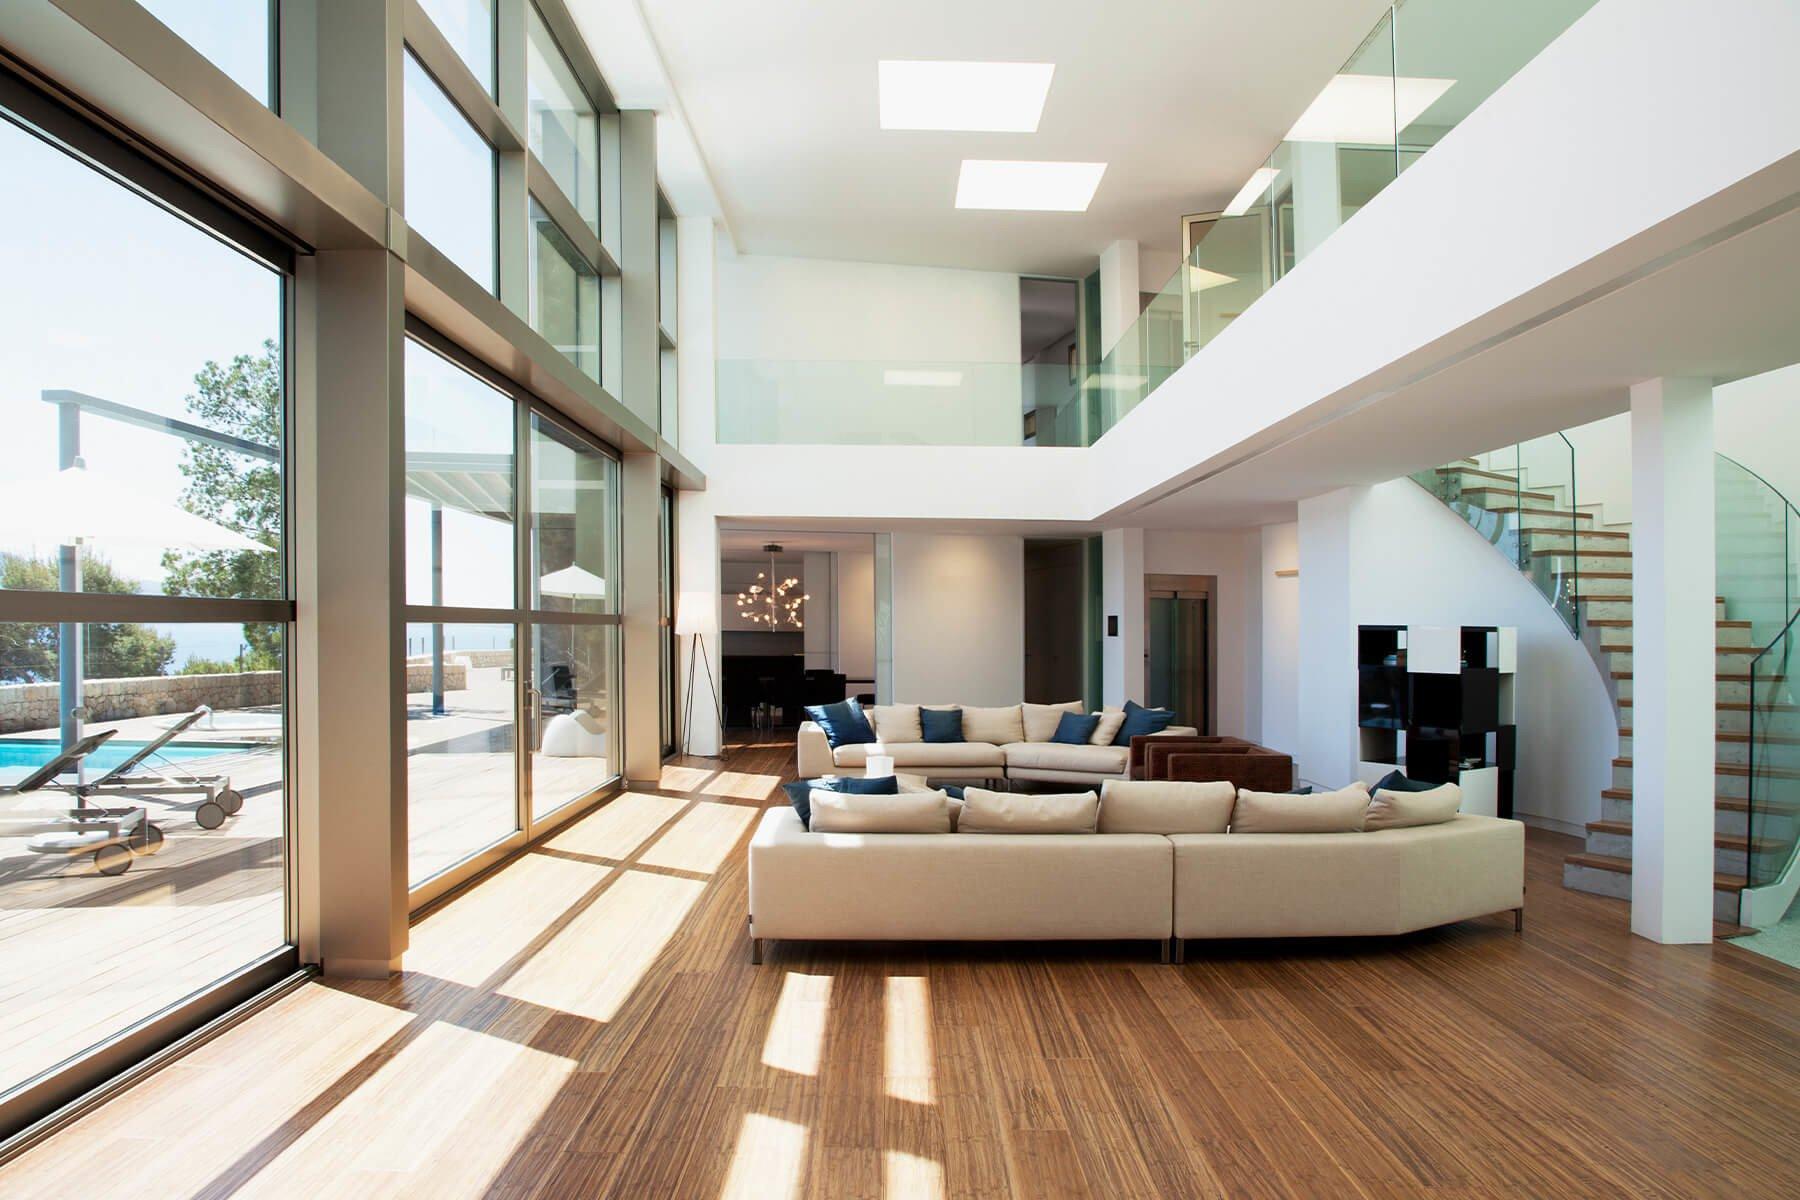 Glasbruestung Variante im Wohnzimmer fuer ein luxurioses und edles Ambiente